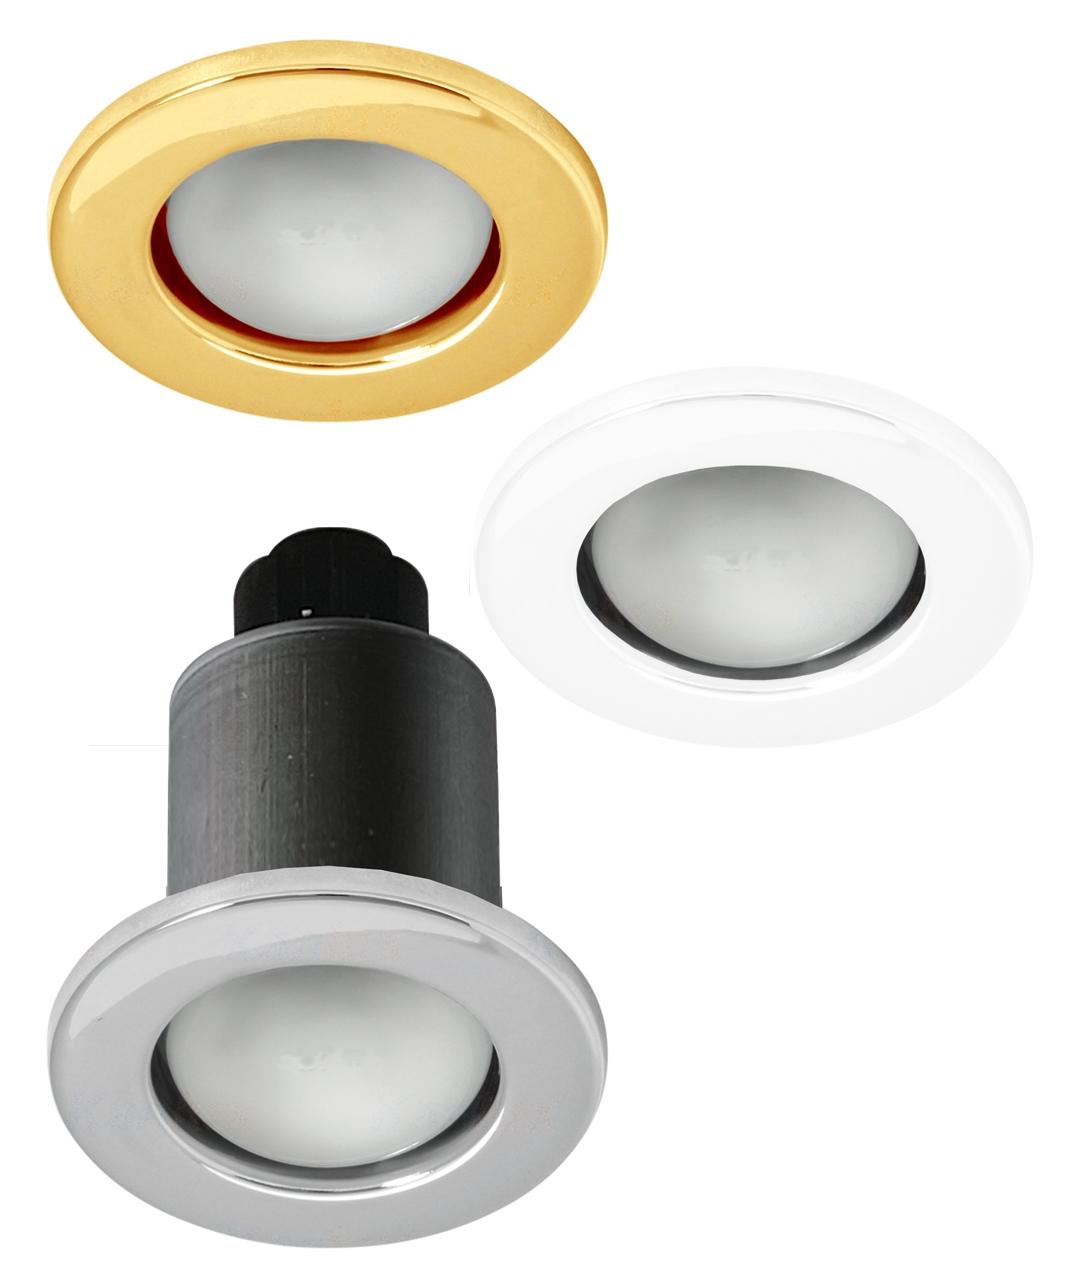 bulb in a sealed bathroom downlight